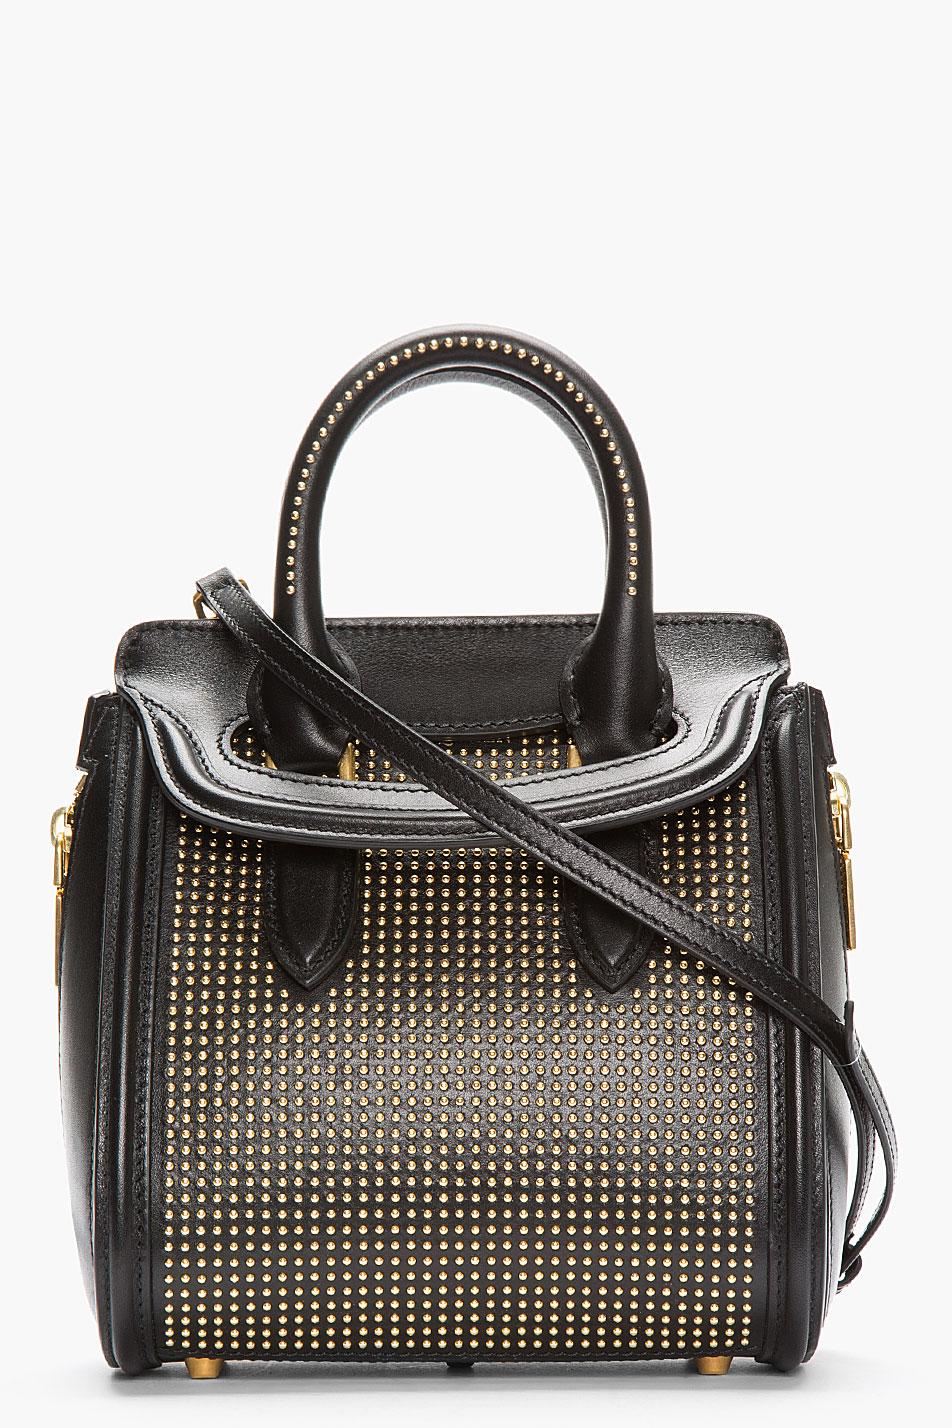 Alexander McQueen Small Leather Bucket Bag - shop-msmart.com